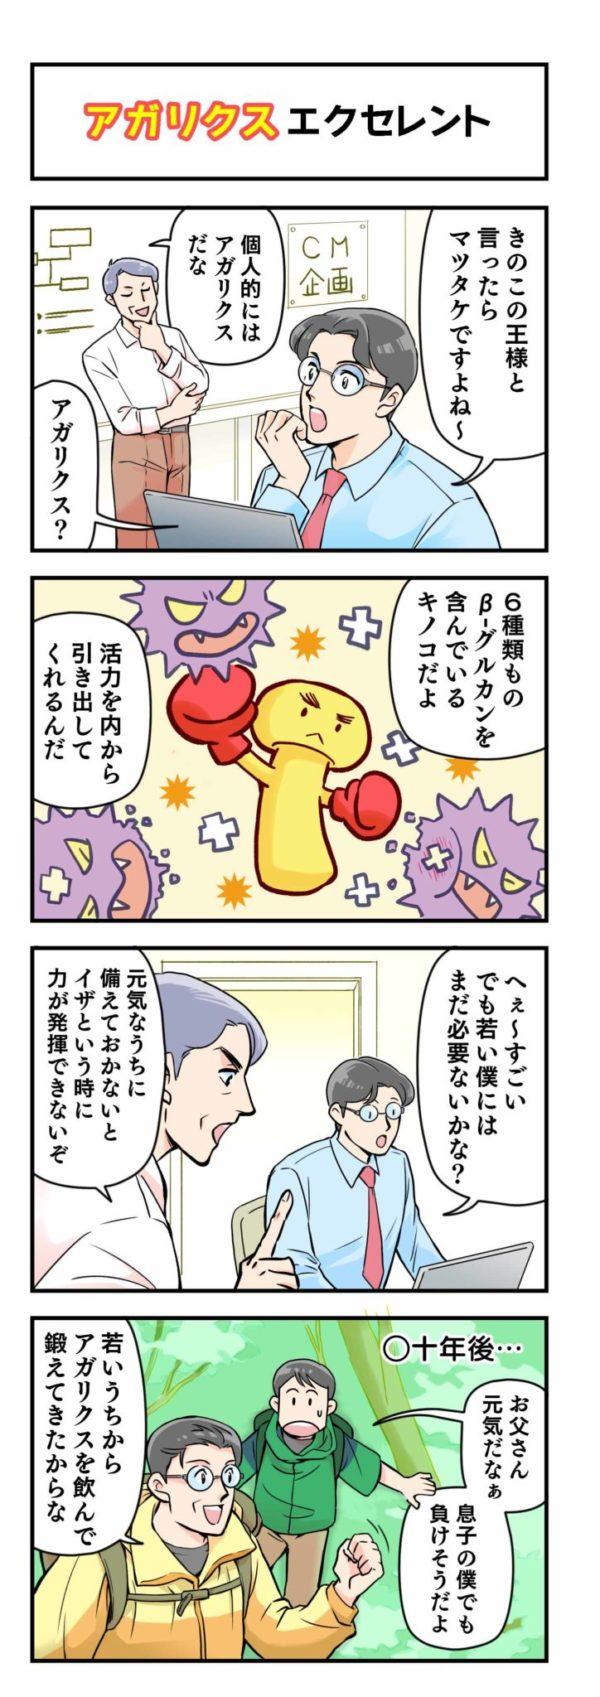 「アガリクスエクセレント」商品紹介4コマ漫画